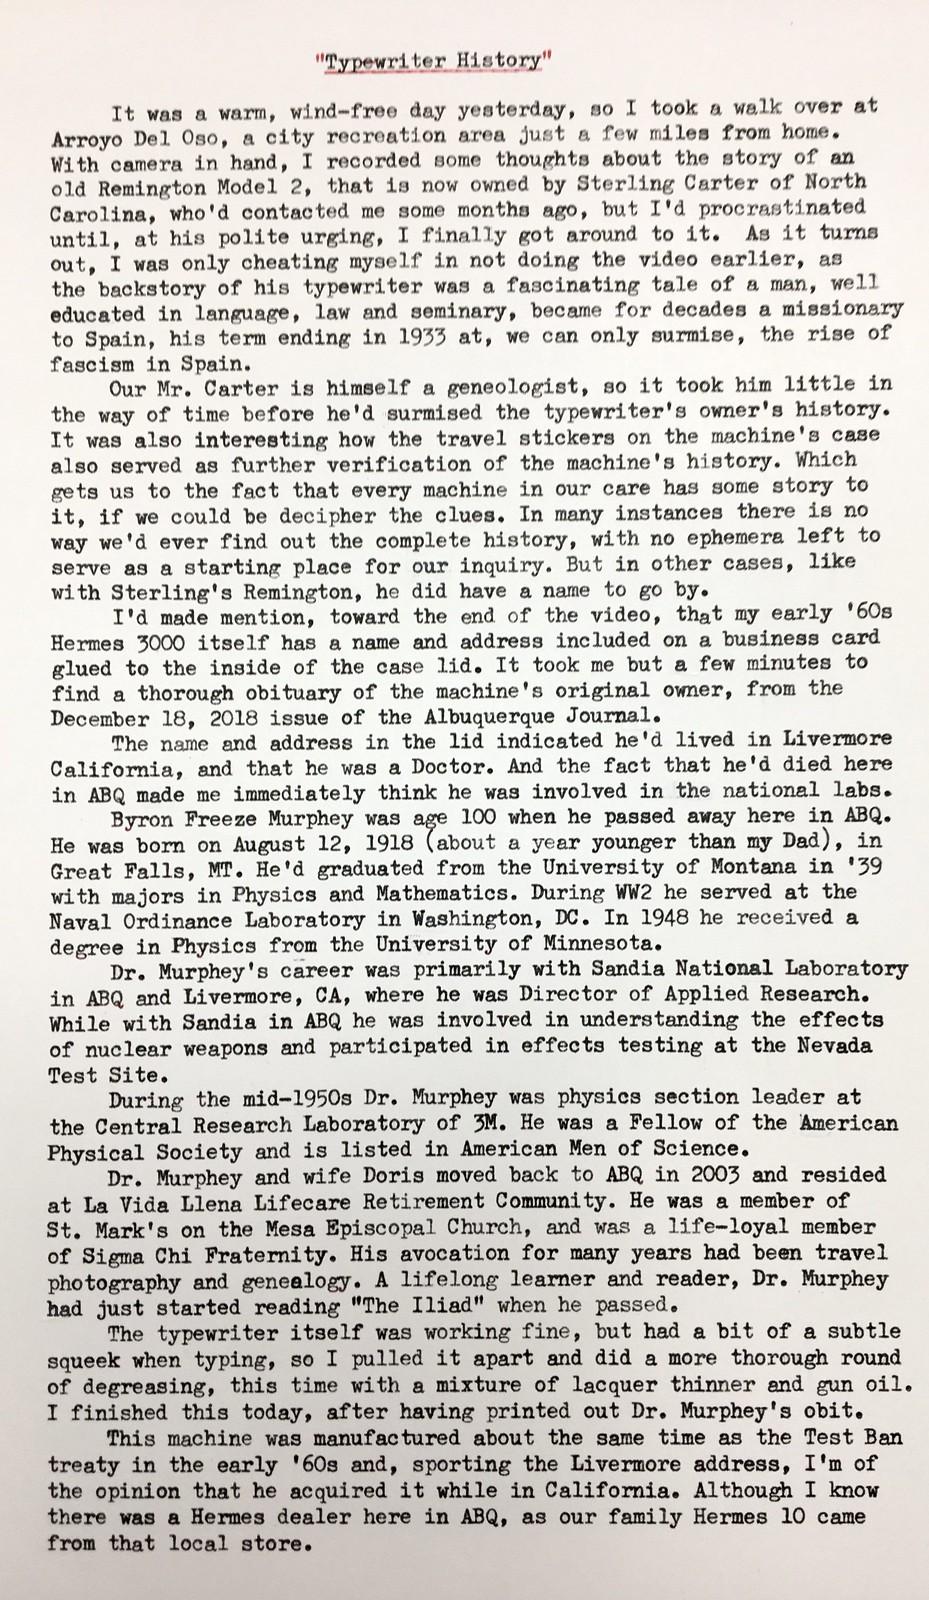 Typewriter History, Page 1